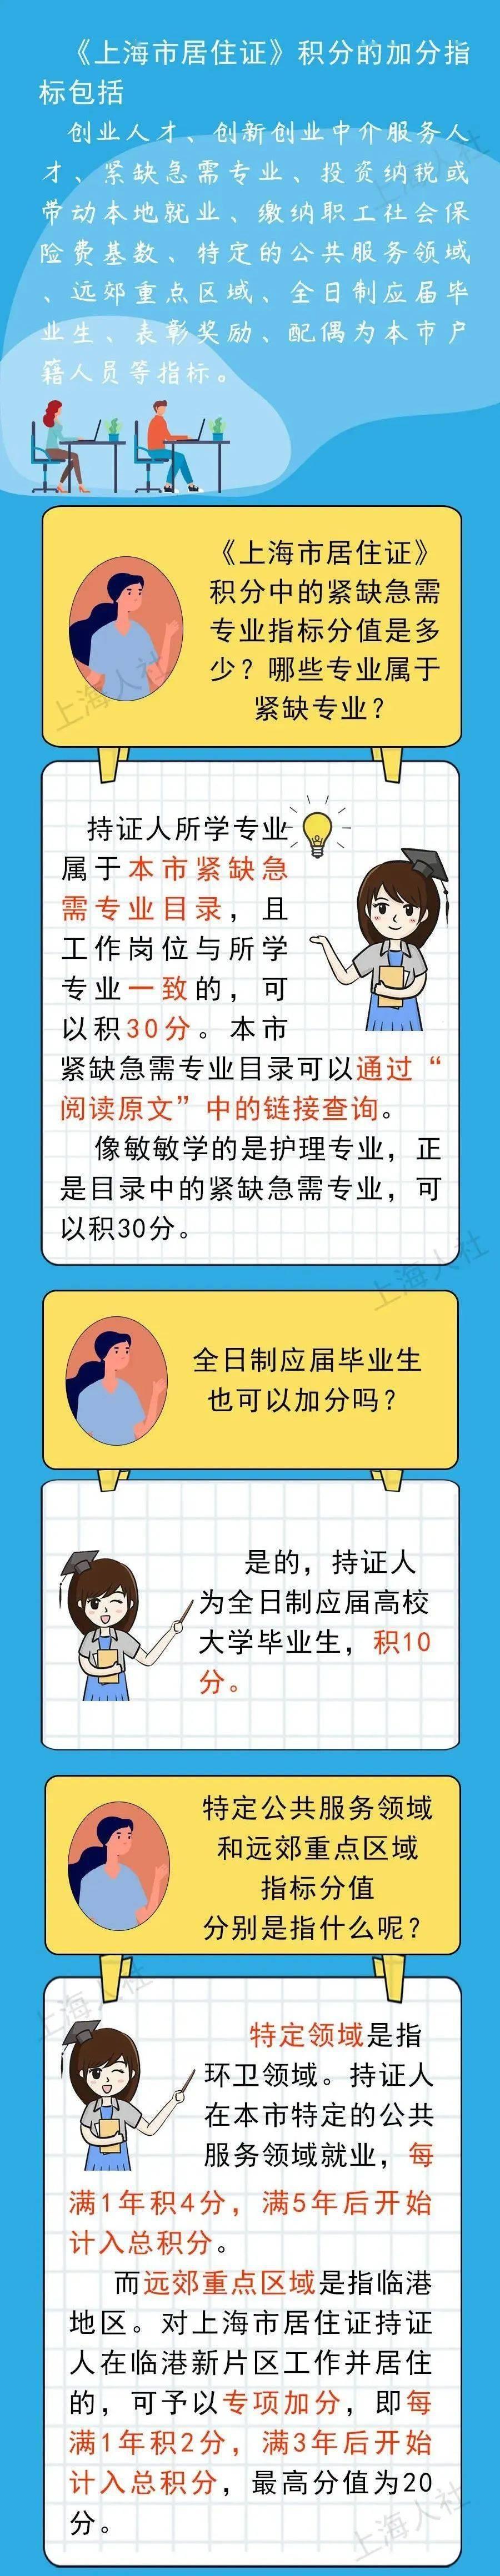 上海居住证积分申请链接